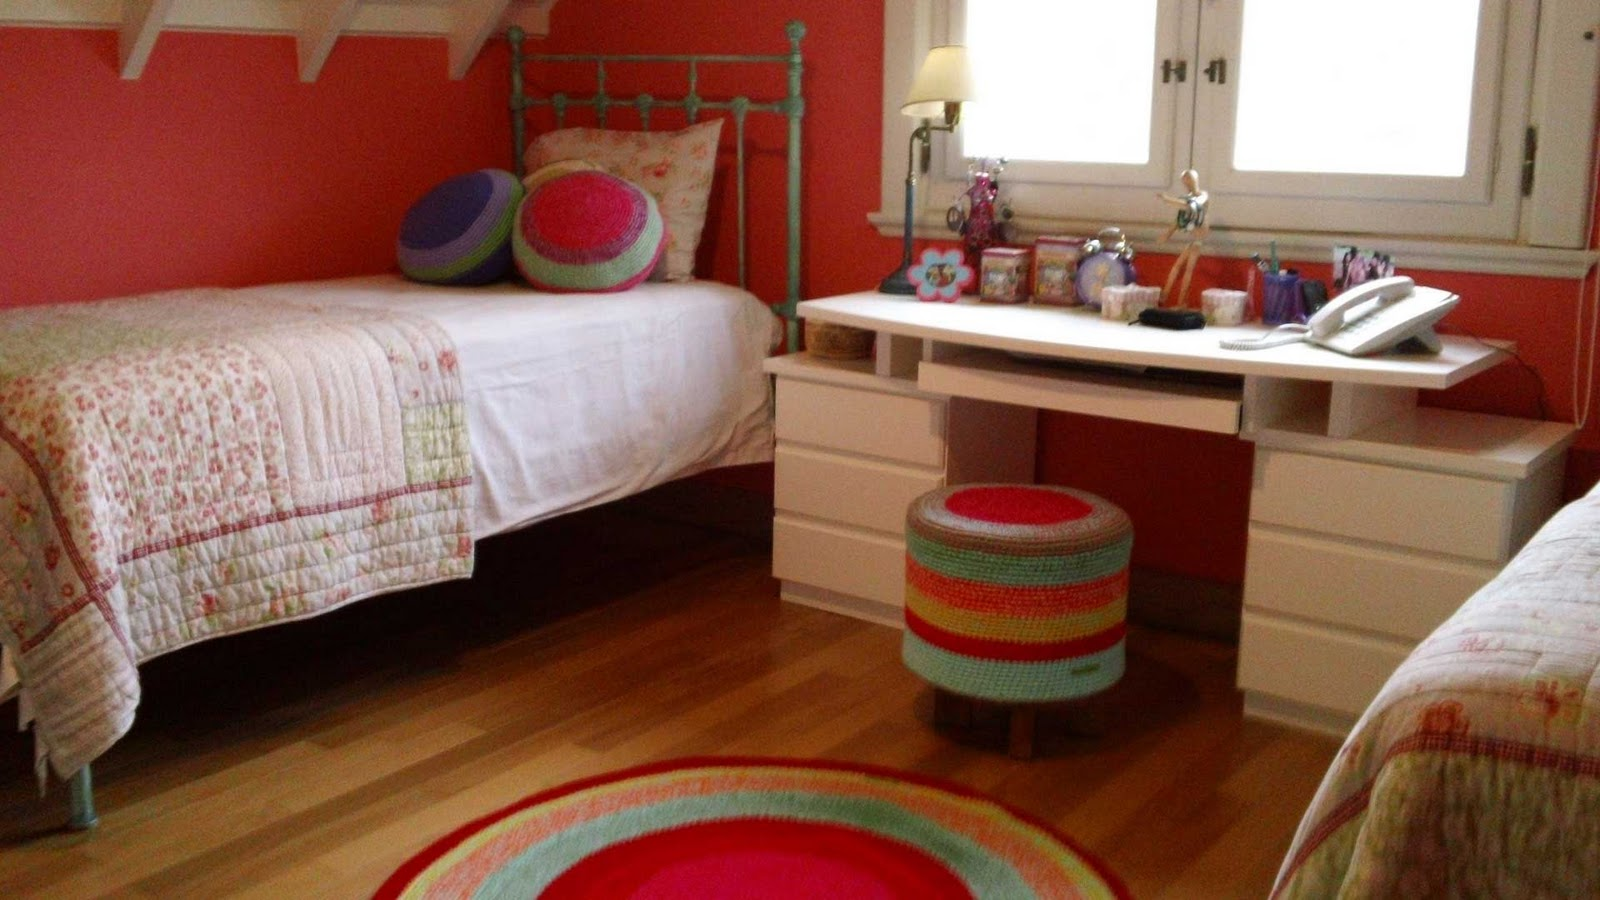 Puerta al sur decorar el cuarto de una adolescente - Decorar habitacion nina 8 anos ...